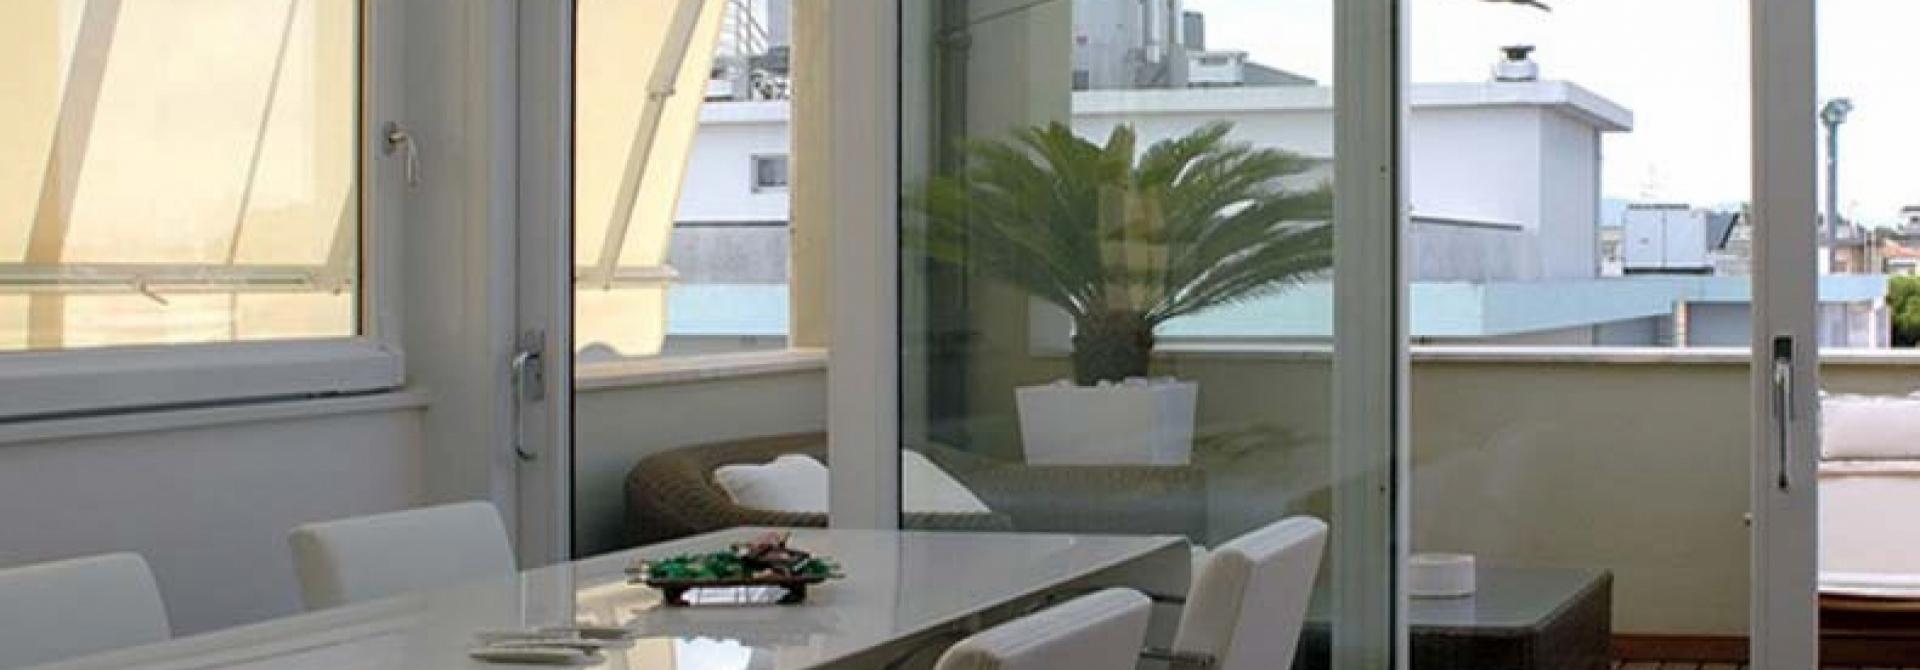 Infissi bologna finestre porte serramenti bologna for Infissi finestre